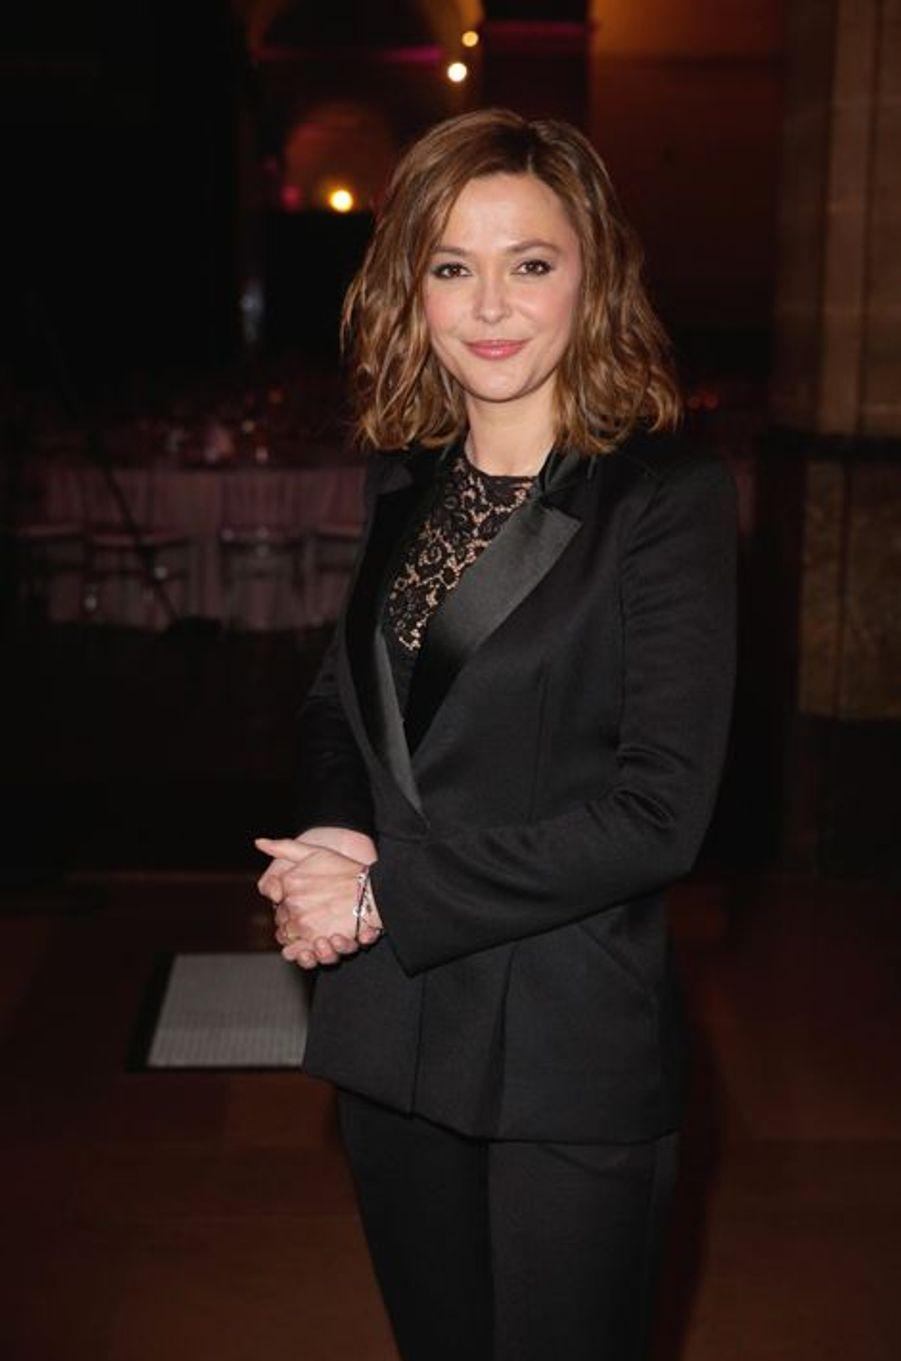 Sandrine Quetier aux Trophées du Film Français